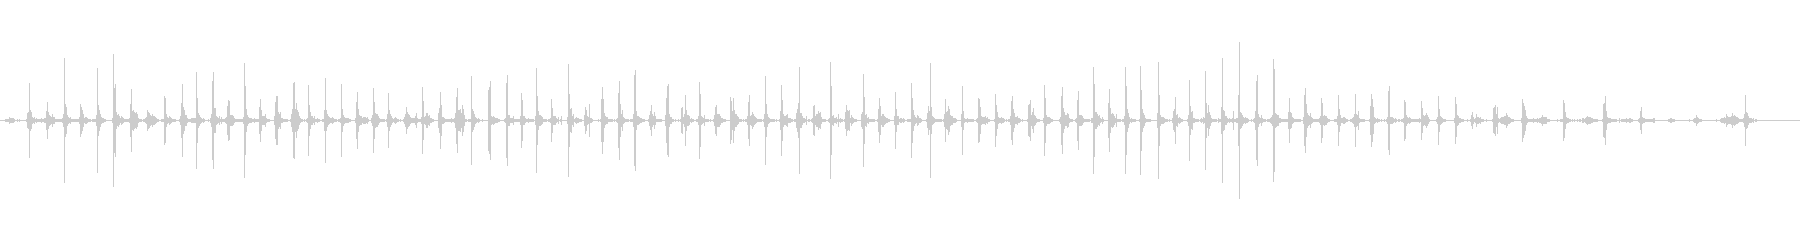 フォレスト:ヘビーブーツ:ランニン...の未再生の波形